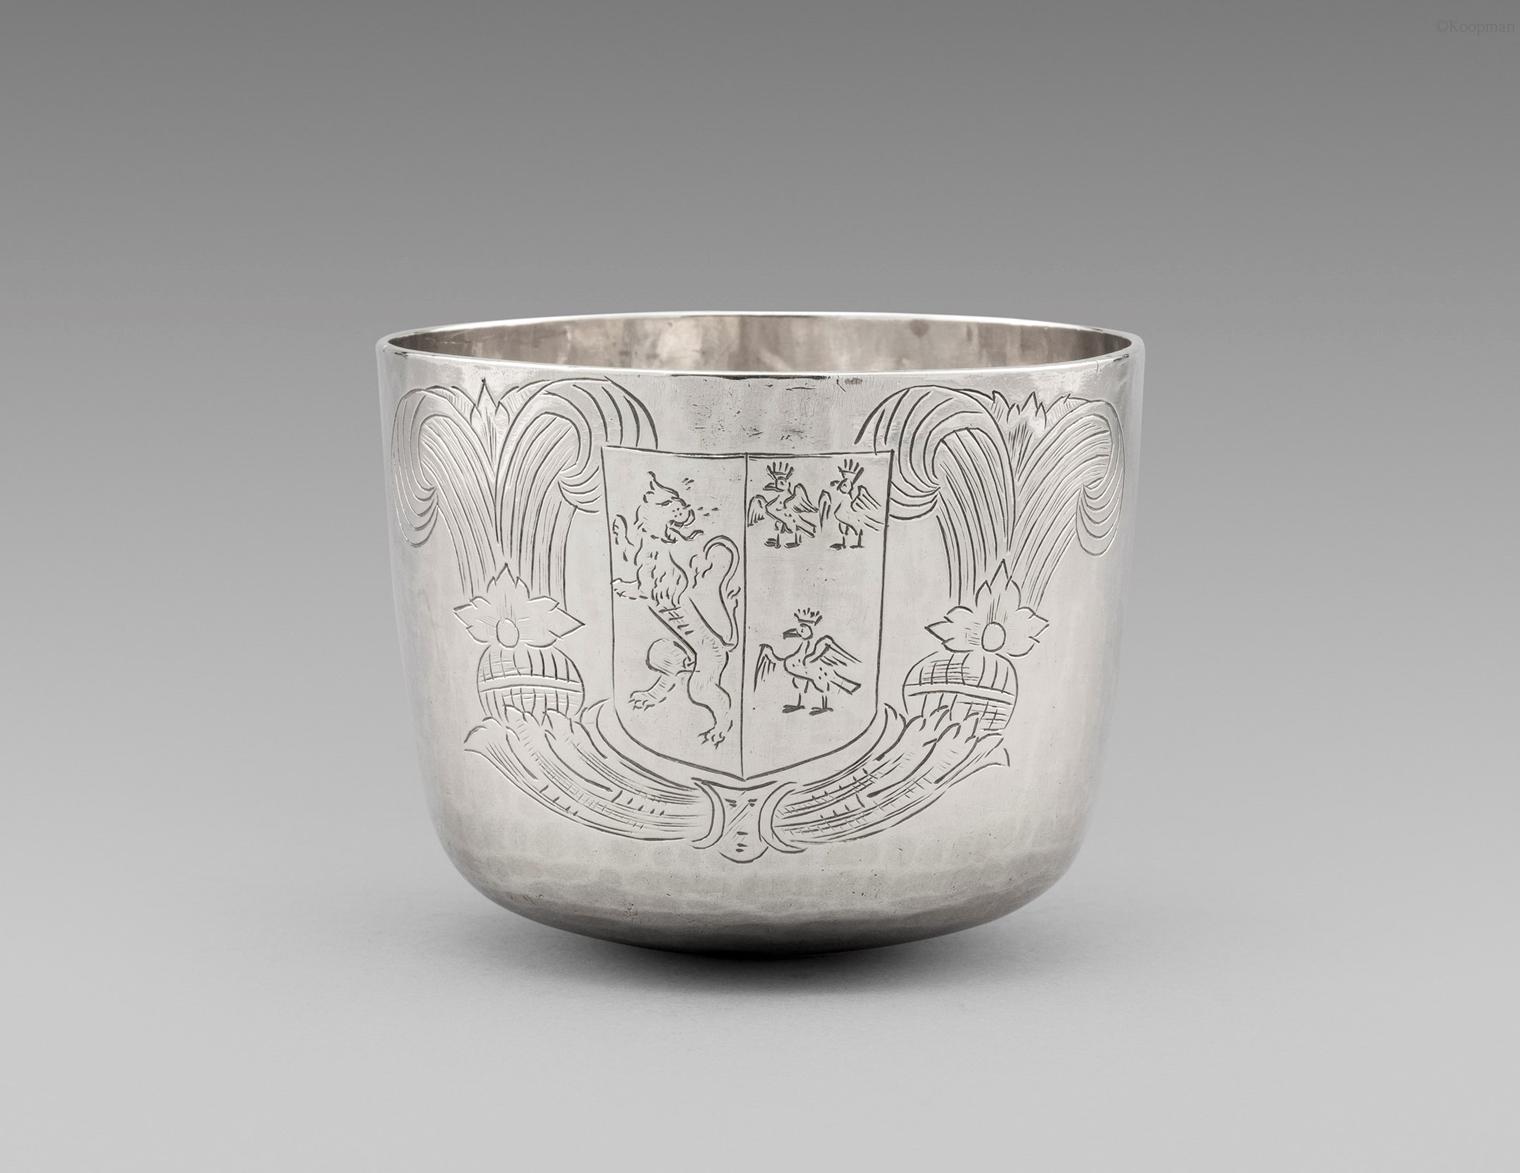 A Charles II Tumbler Cup